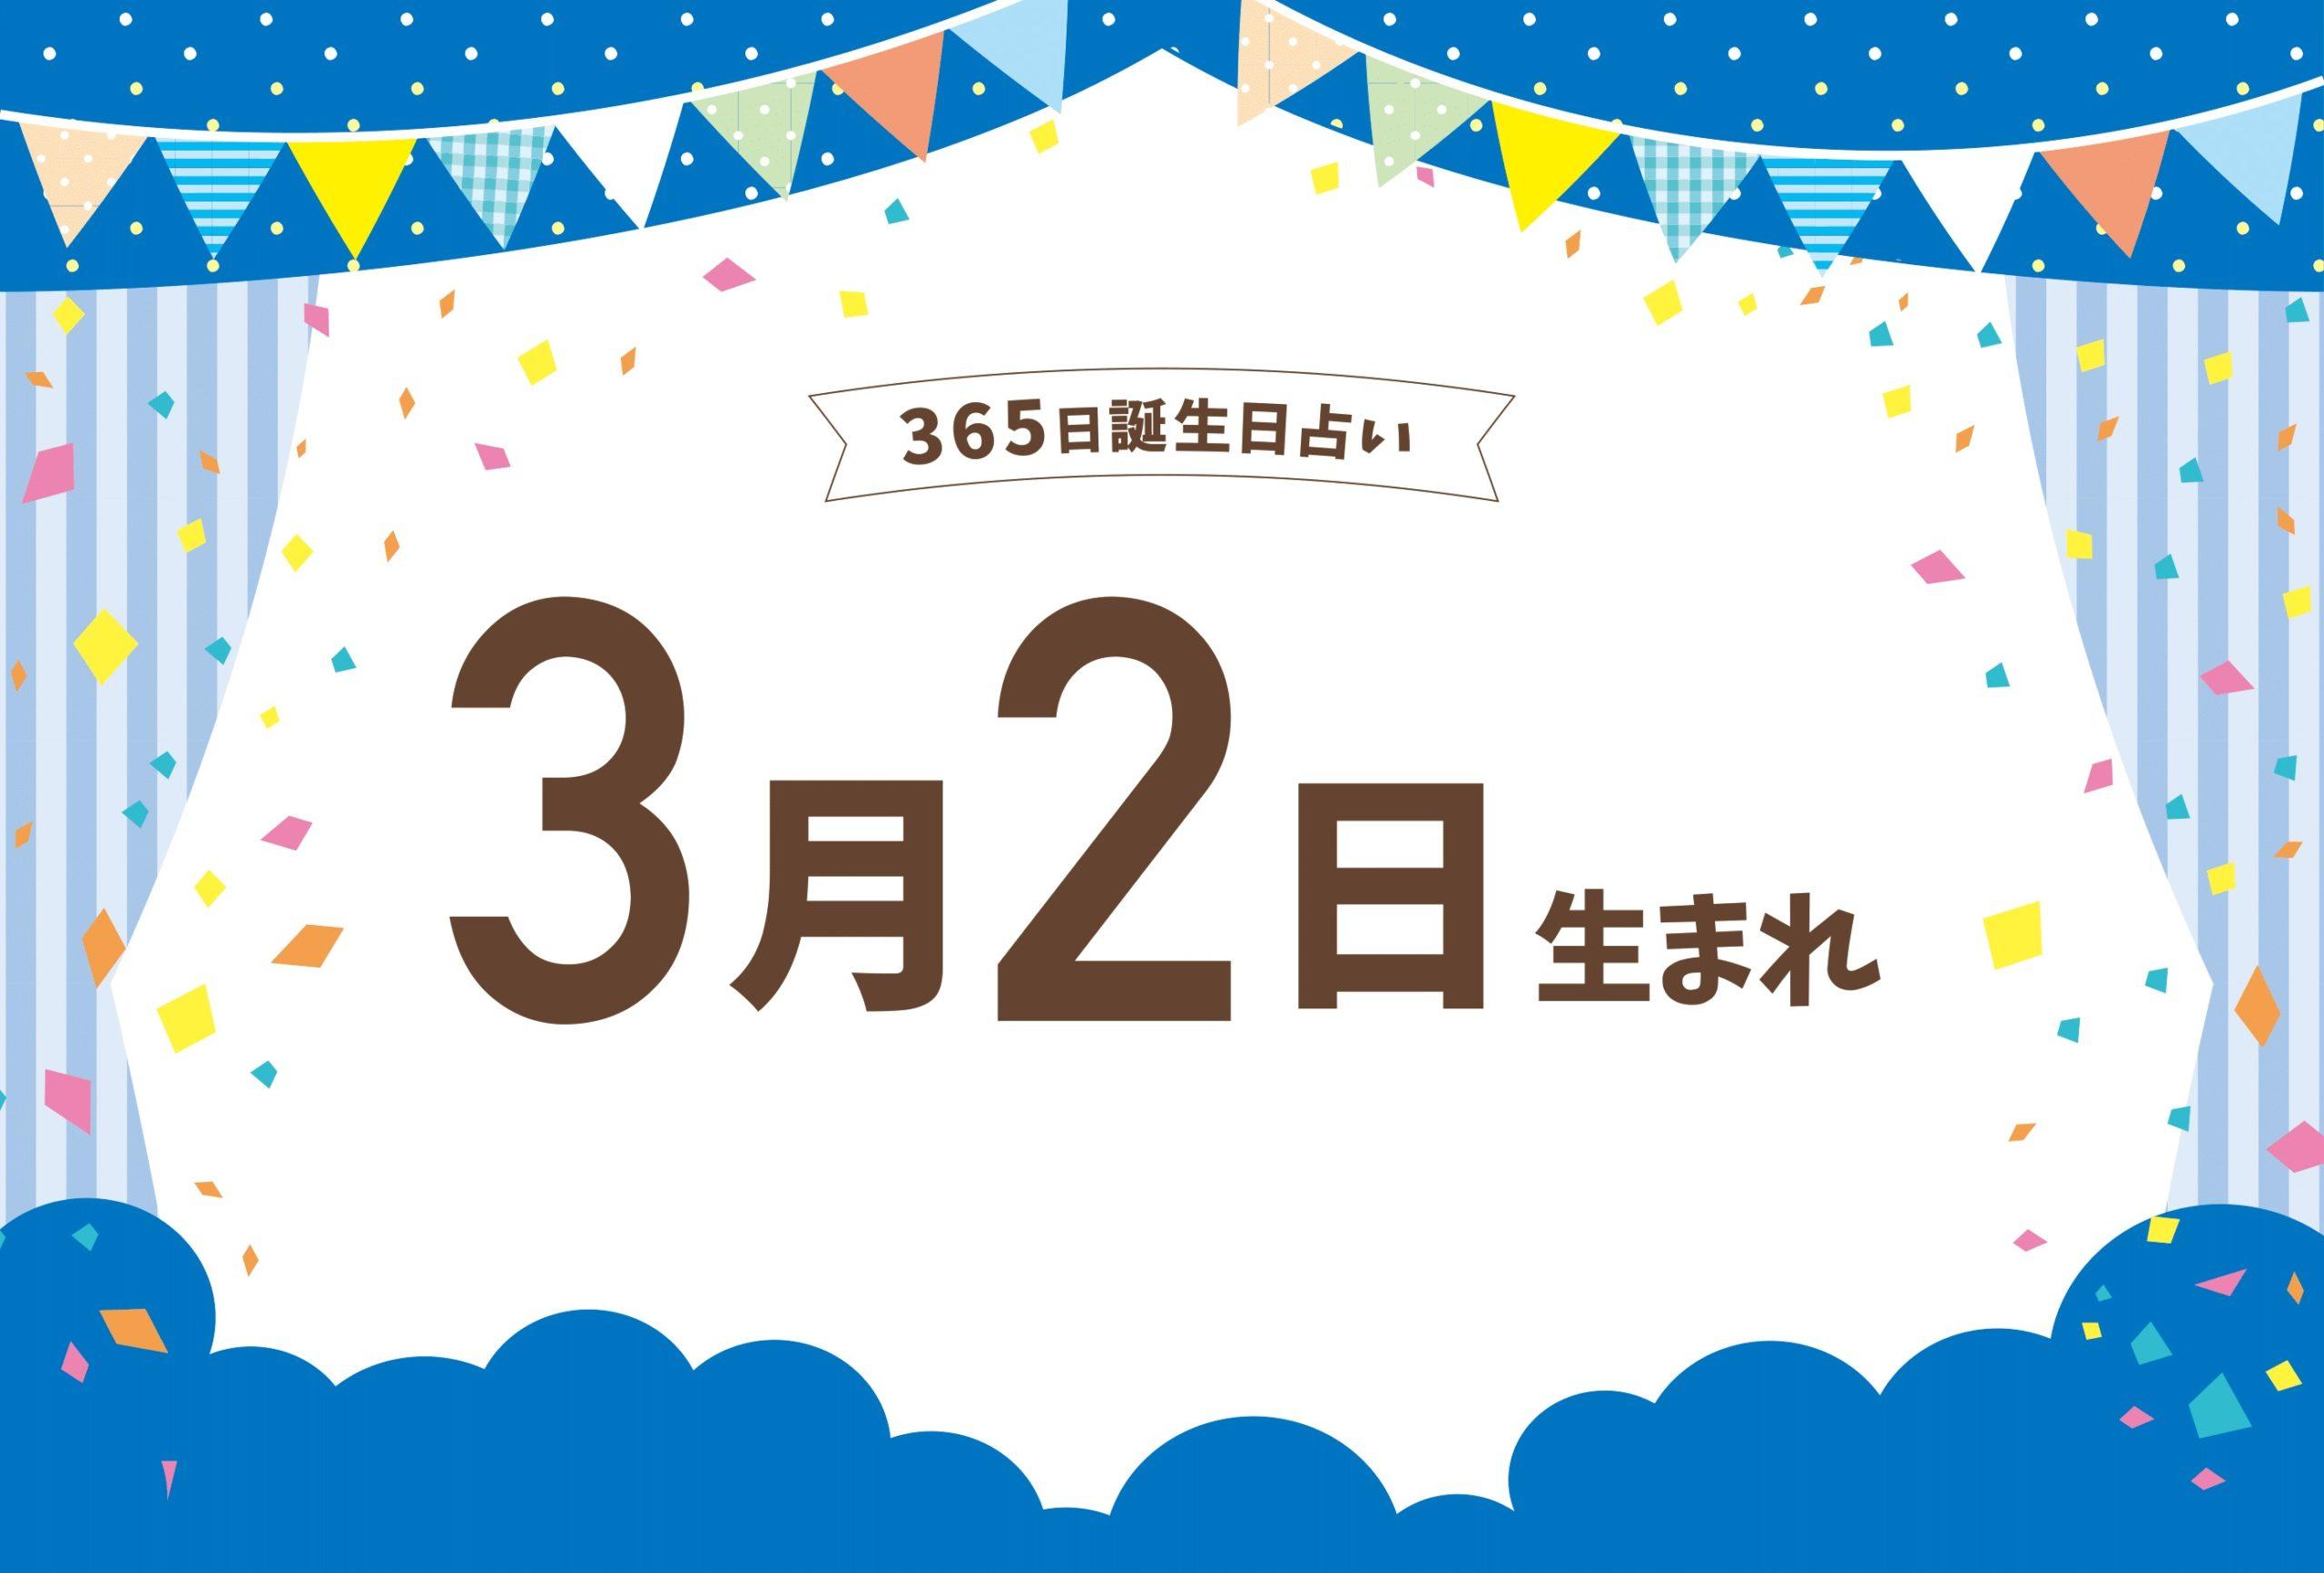 の 有名人 8 21 日 月 生まれ